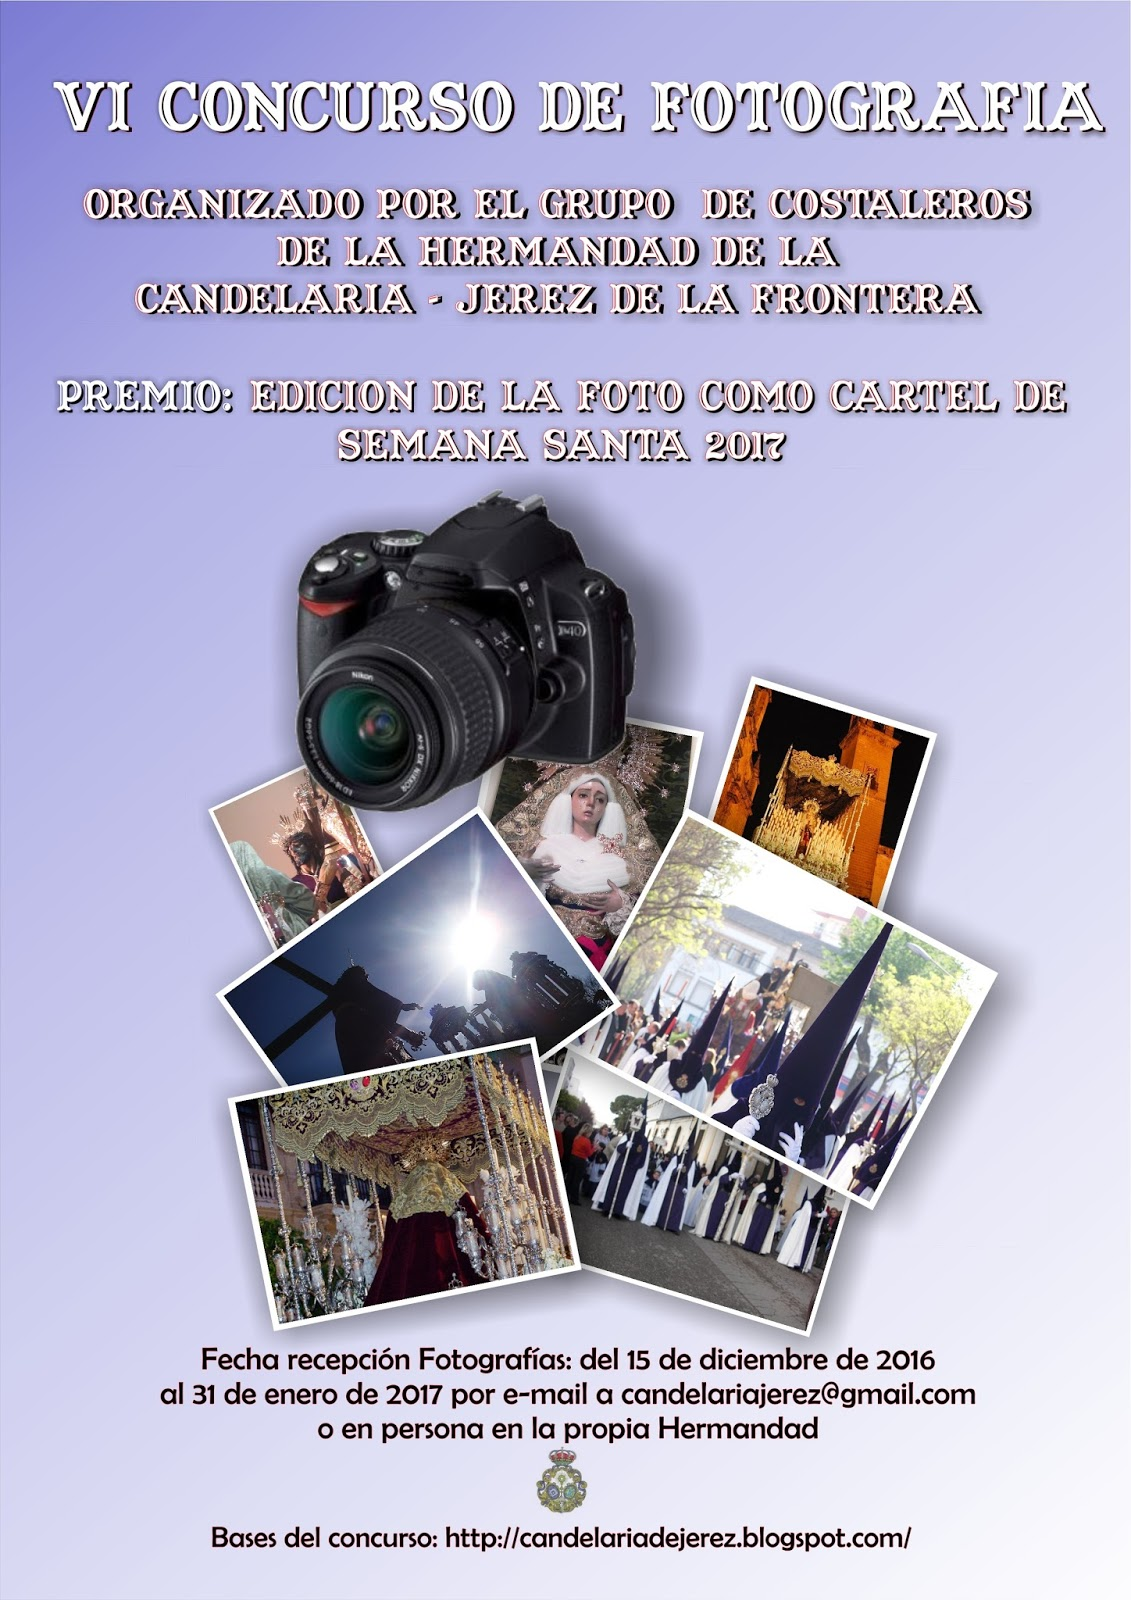 VI Concurso de Fotografía organizado por el grupo de costaleros de la Candelaria